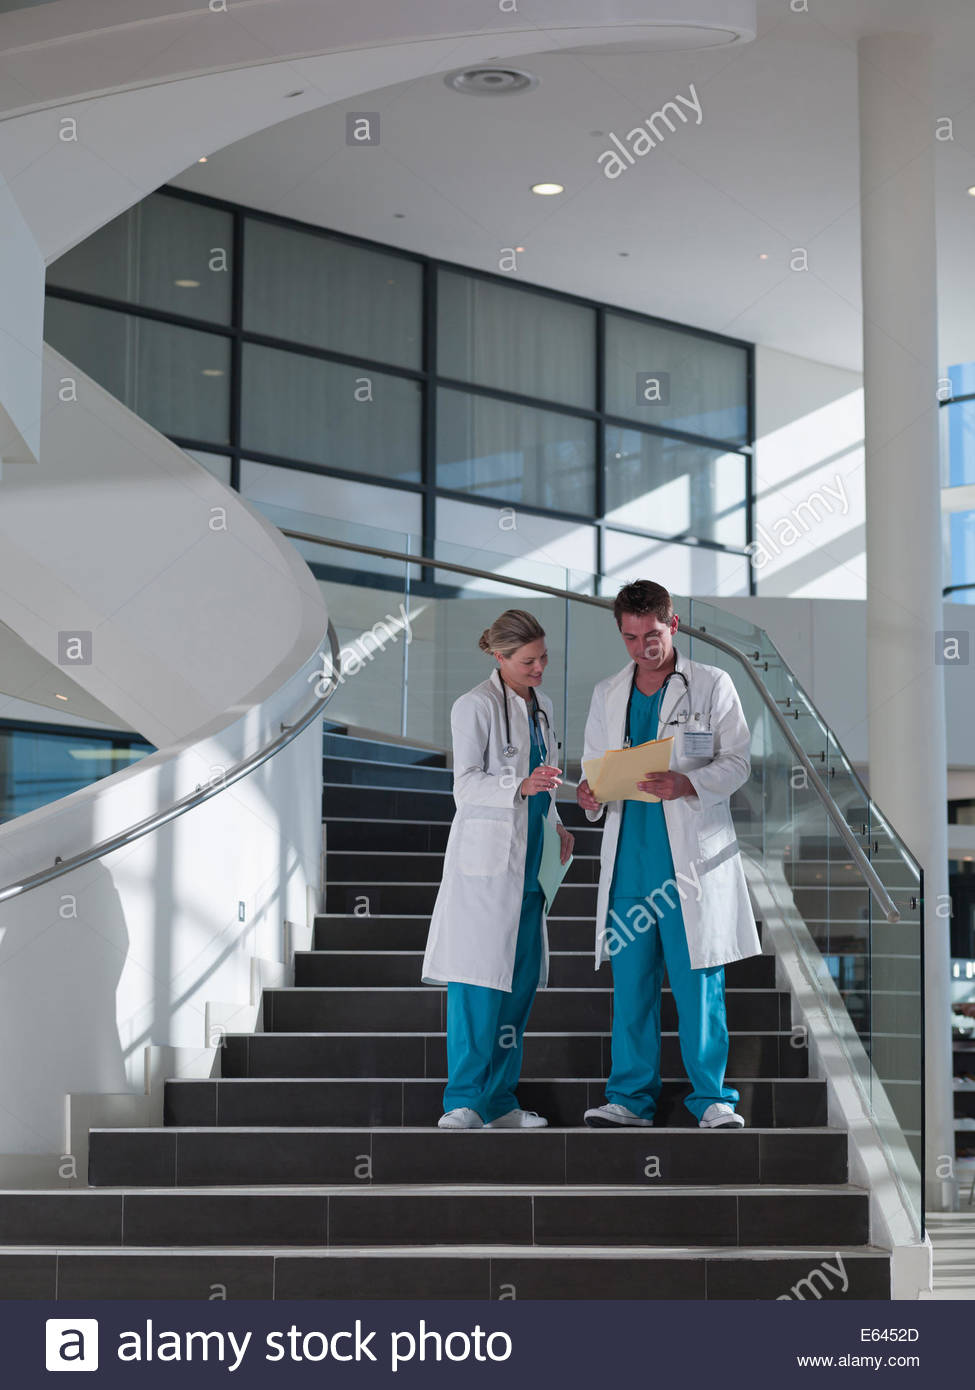 Les médecins à l'hôpital d'escalier descendant Photo Stock